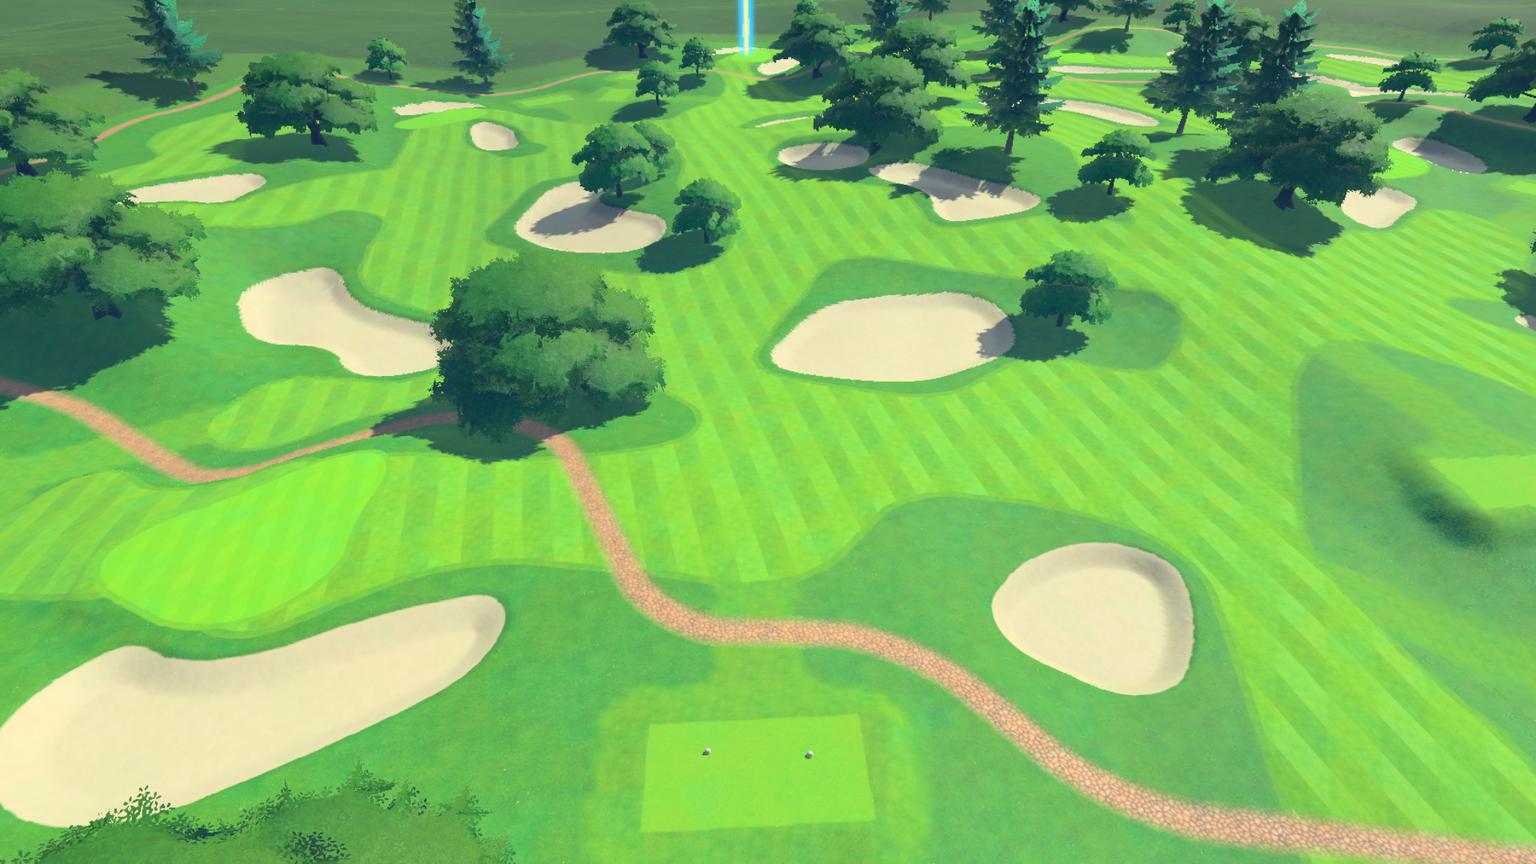 Mario Golf Printscreen 2